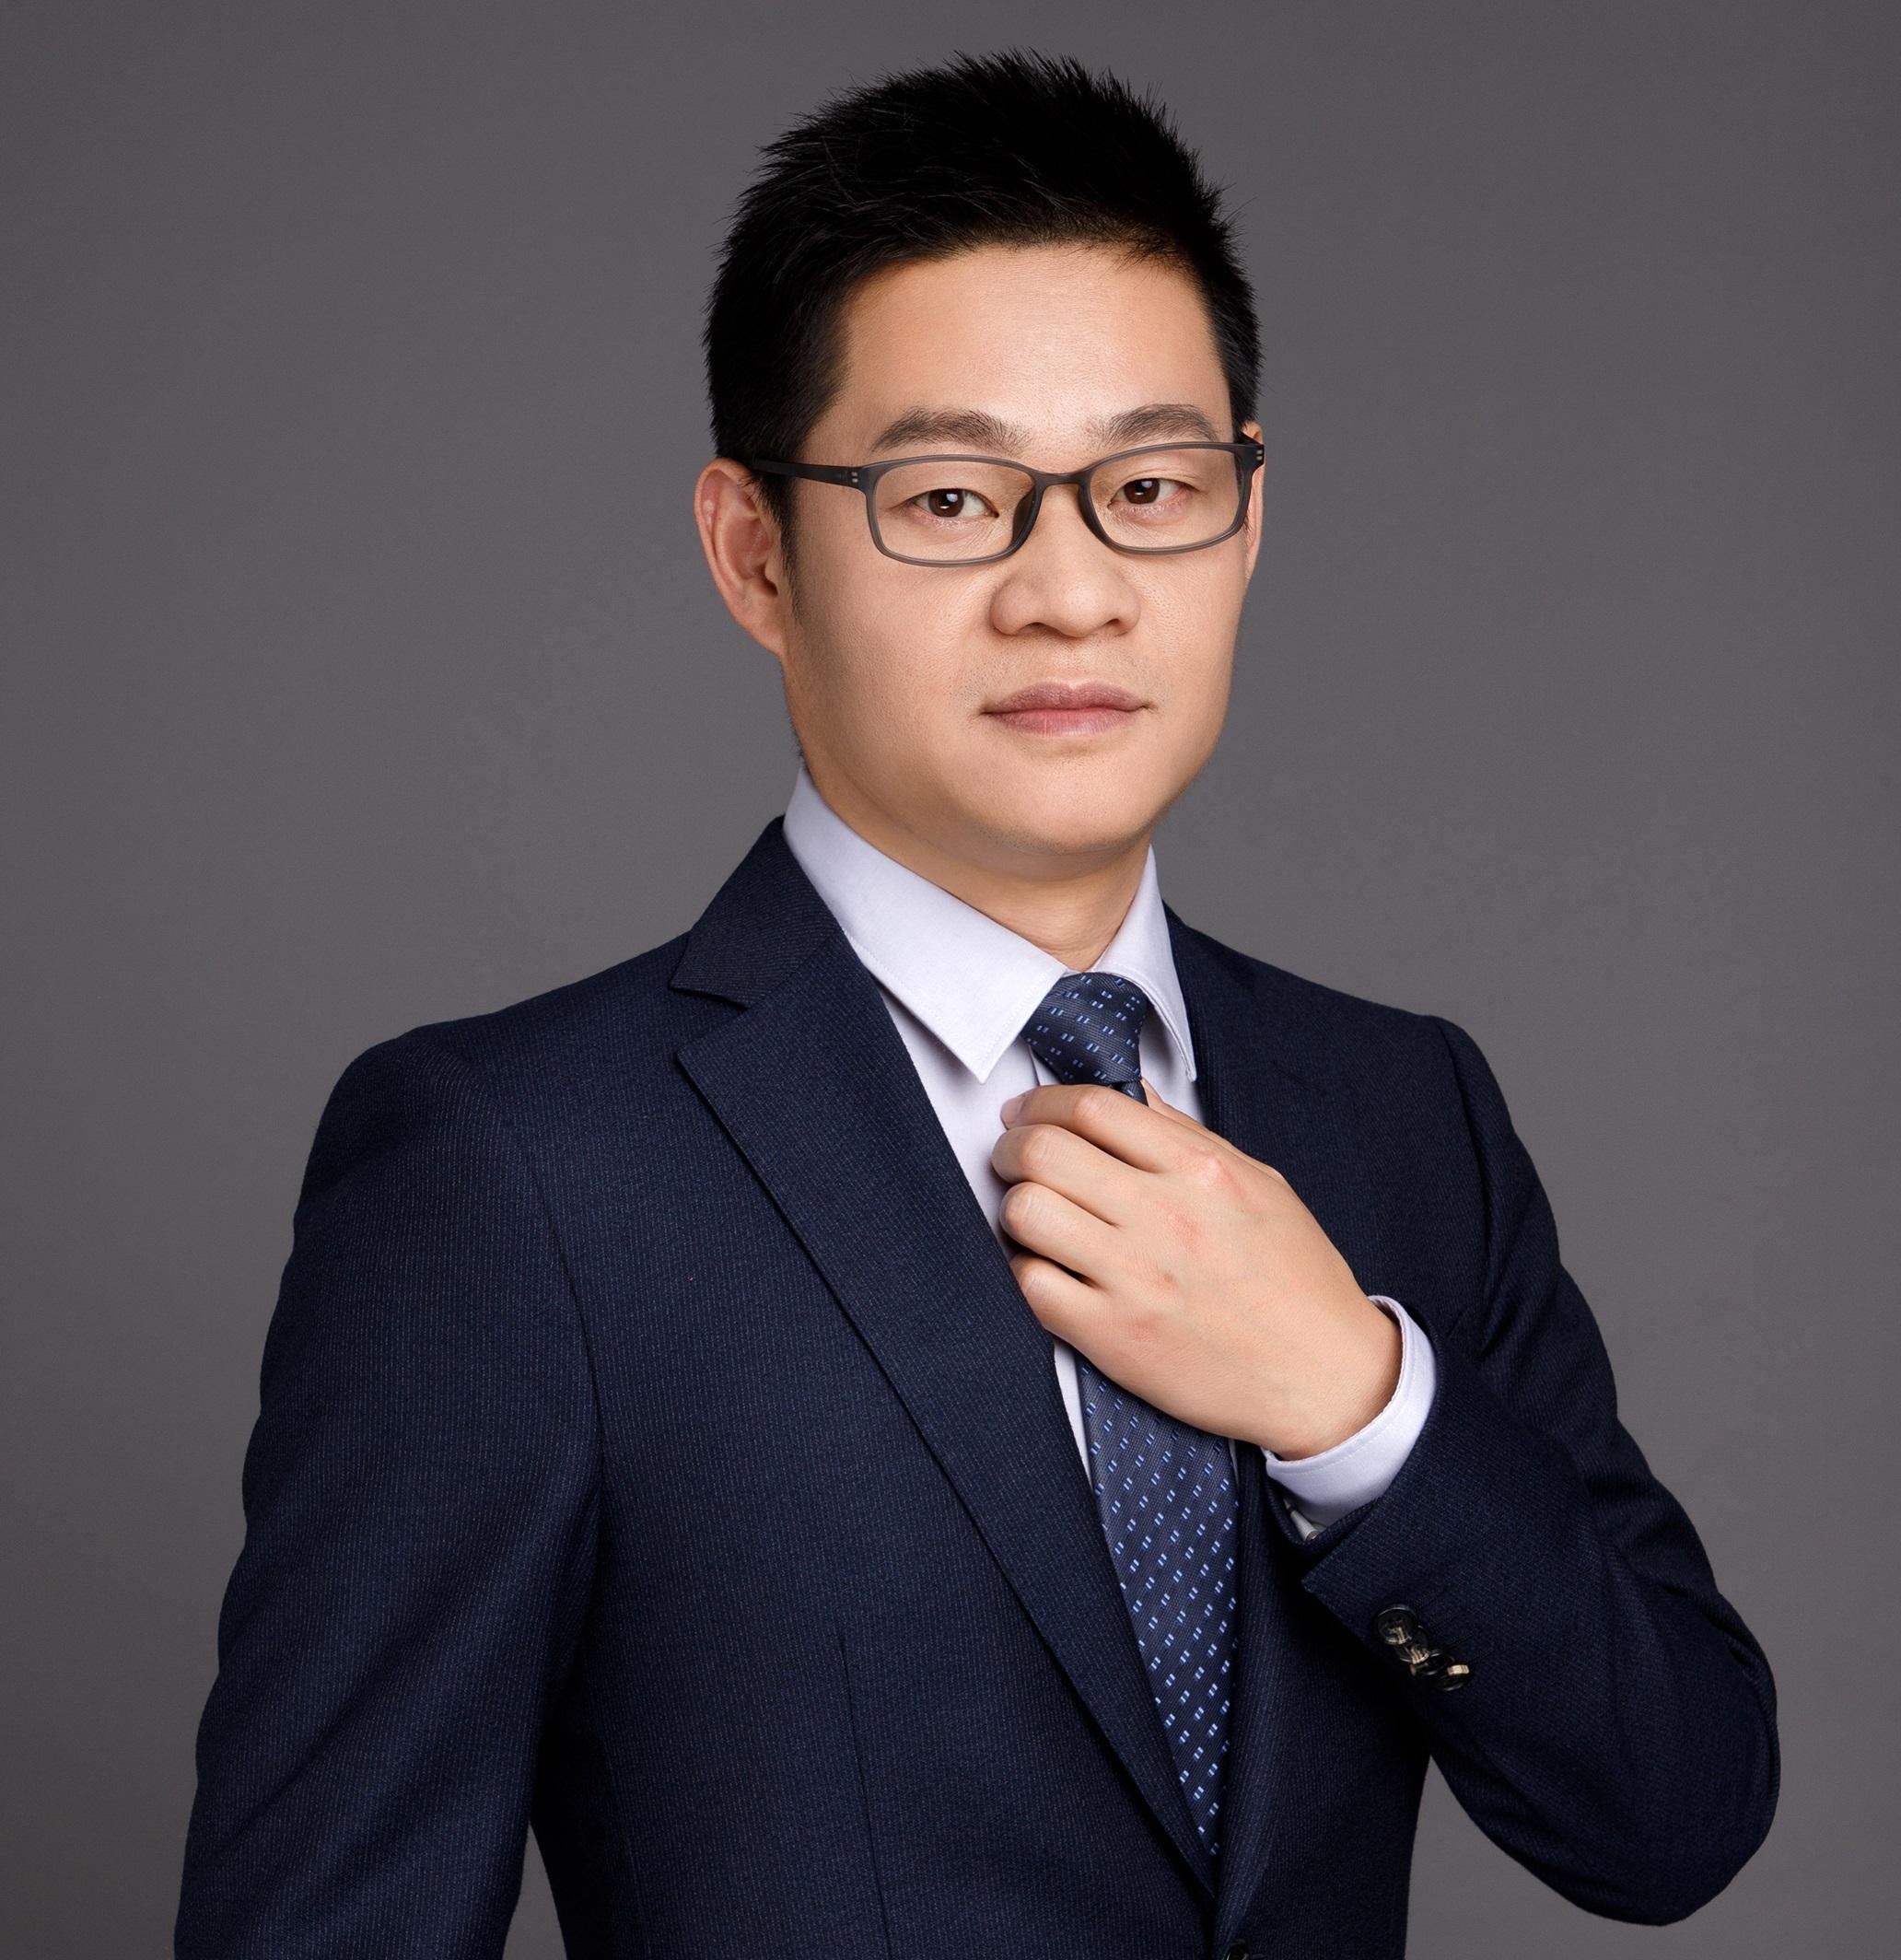 王智聪,博士,分析化学专业,在制药、食品等行业具有丰富的分析方法开发、方法验证、样品分析和分离纯化制备等经验。